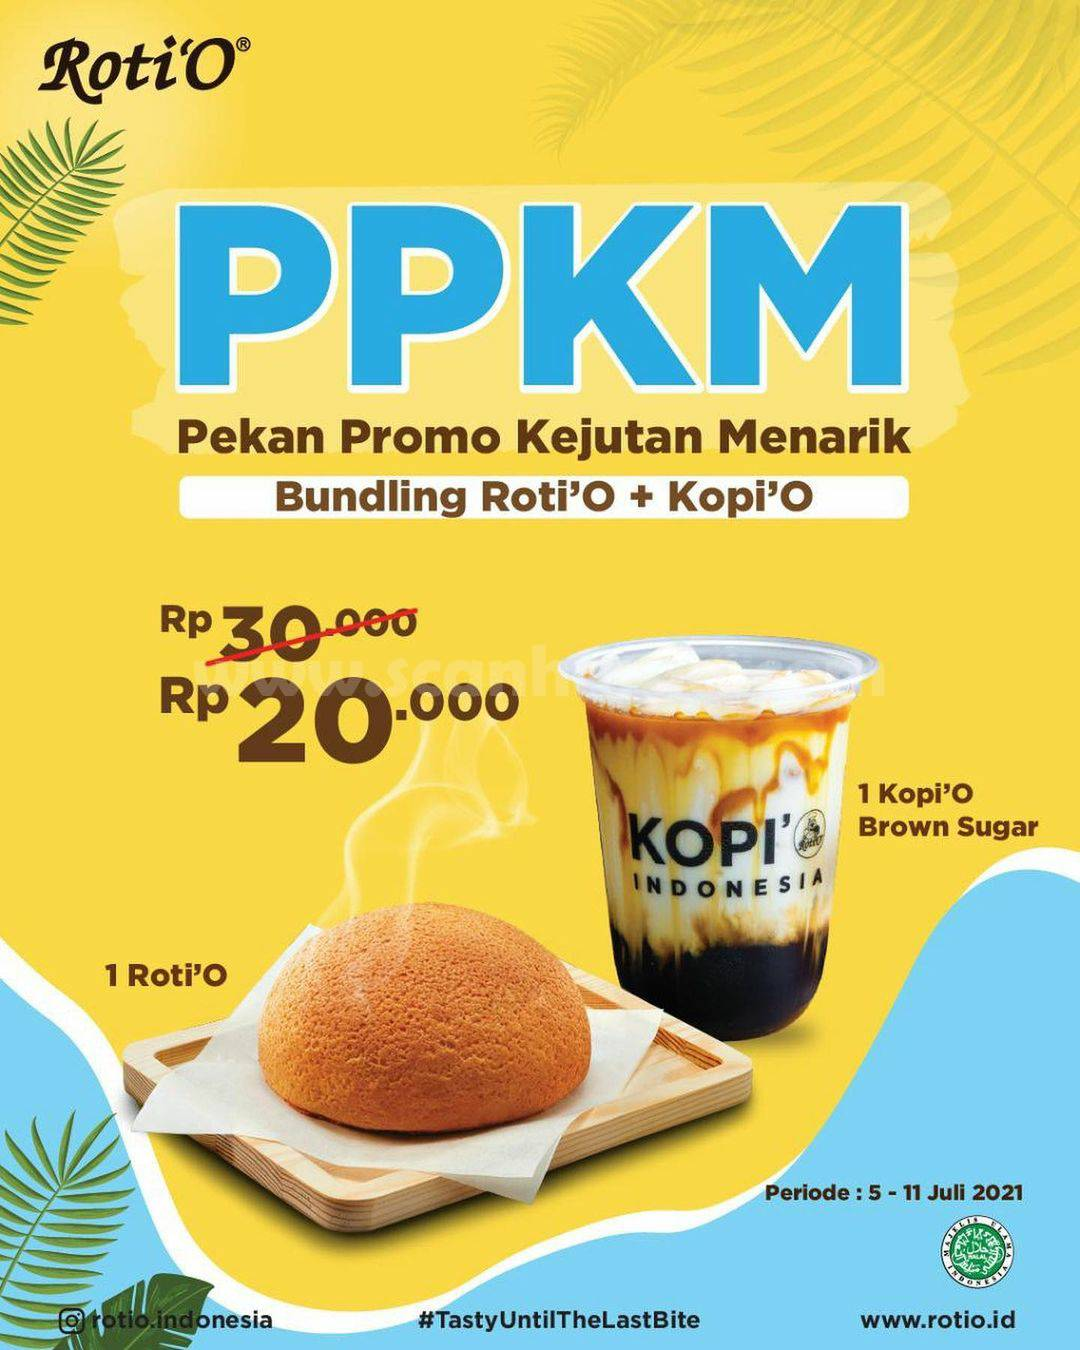 Promo Roti O PPKM (Pekan Promo Kejutan Menarik) Gratis Roti'O